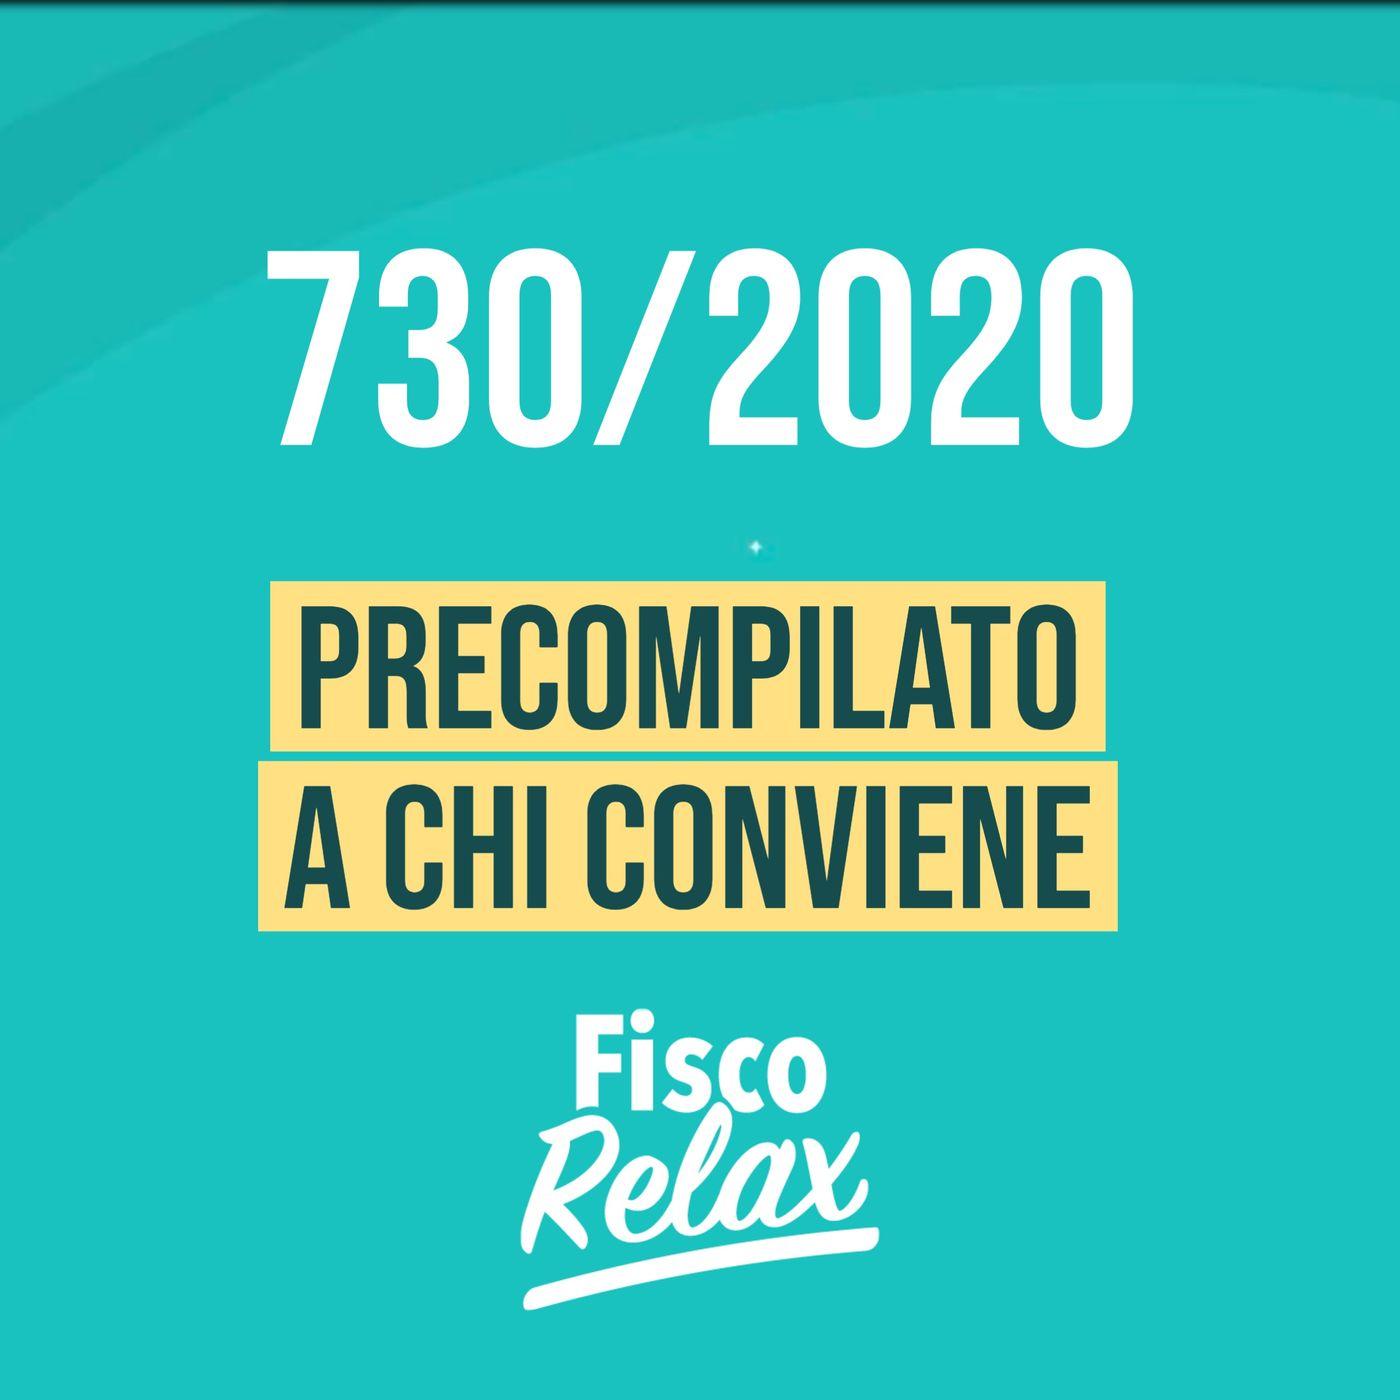 730 precompilato 2020 - a chi conviene e chi no